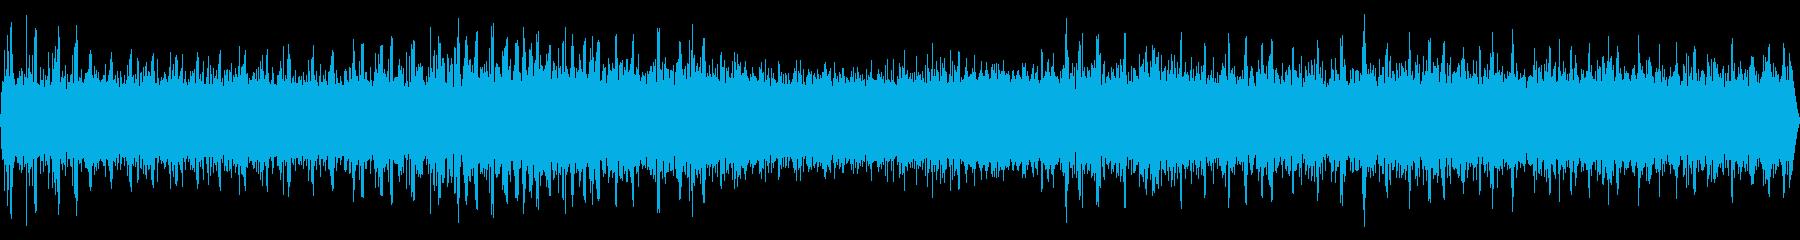 松虫と用水路の音【秋、夜遅く】の再生済みの波形